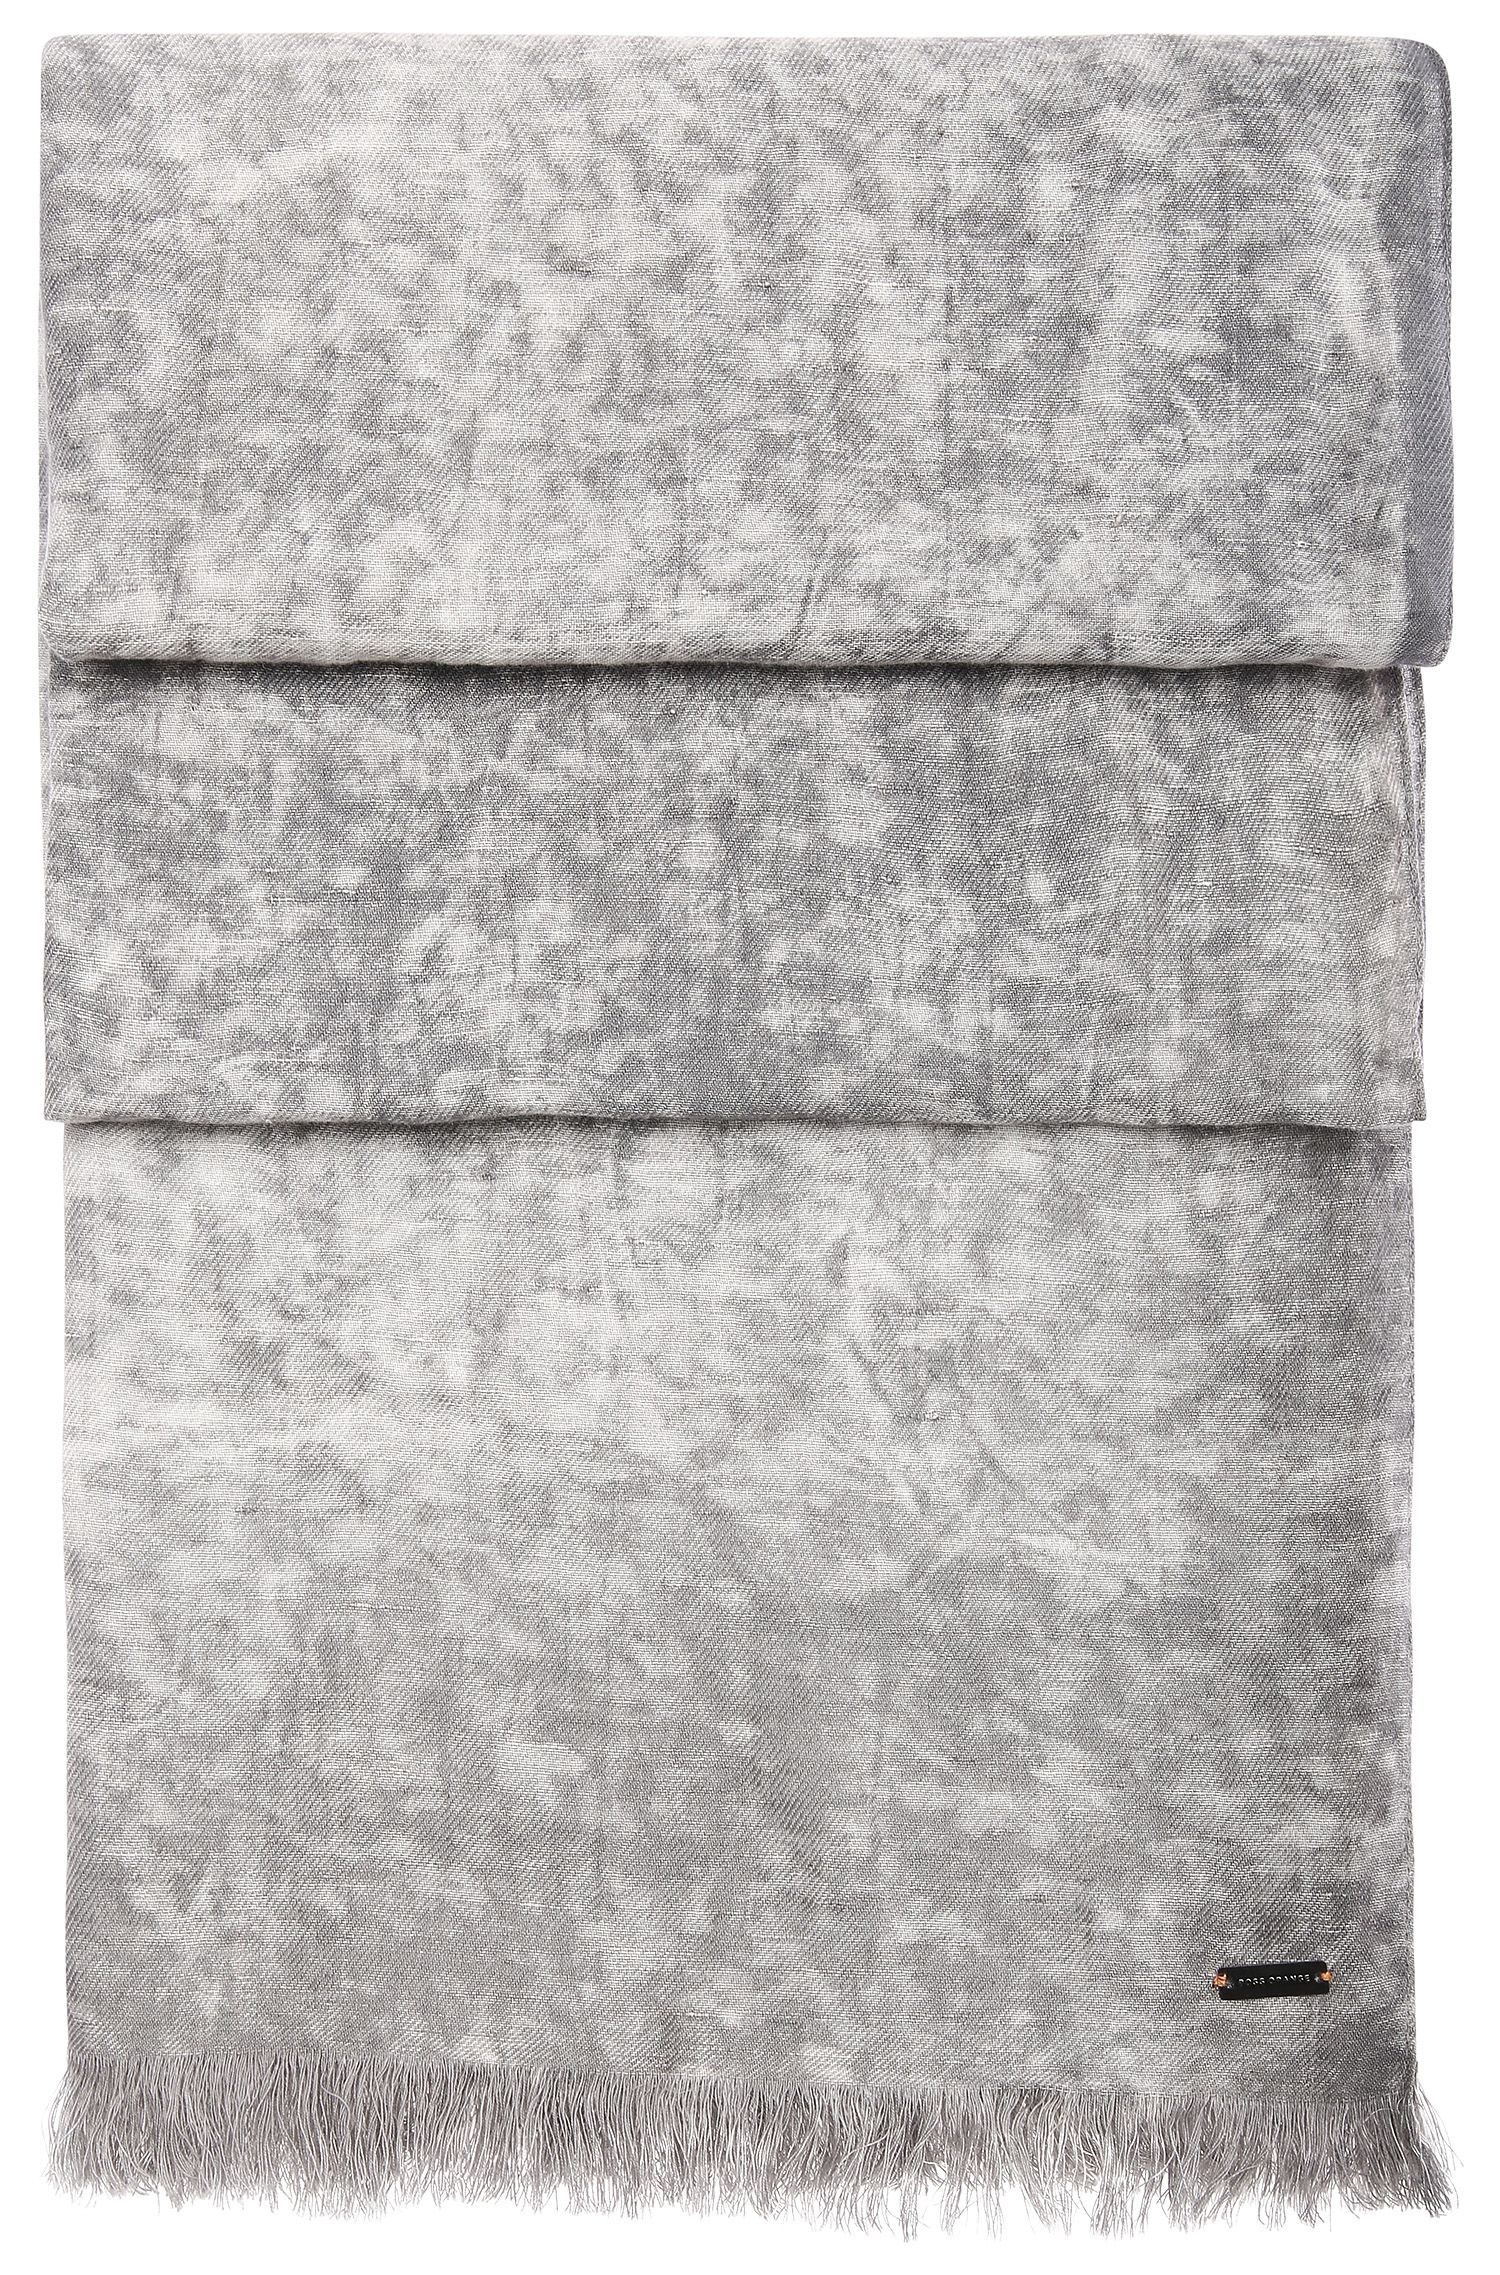 'Nuran'   Cotton Linen Woven Scarf